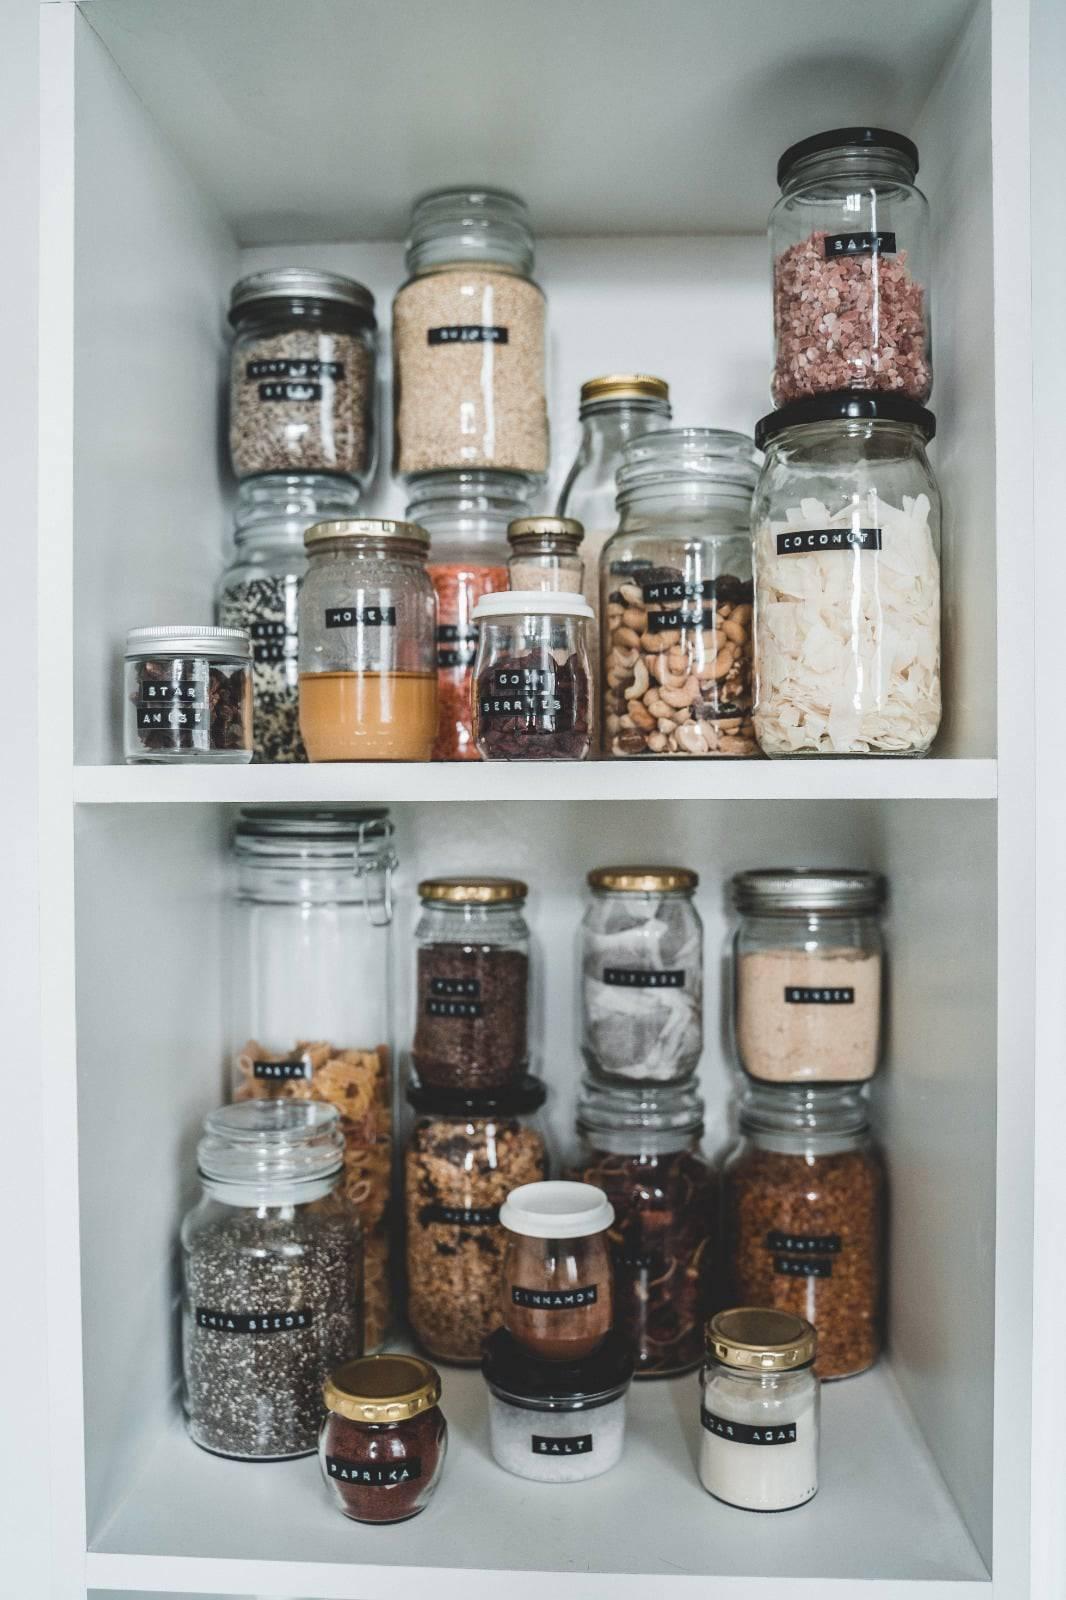 הדברת עש המזון - סידור קופסאות במטבח